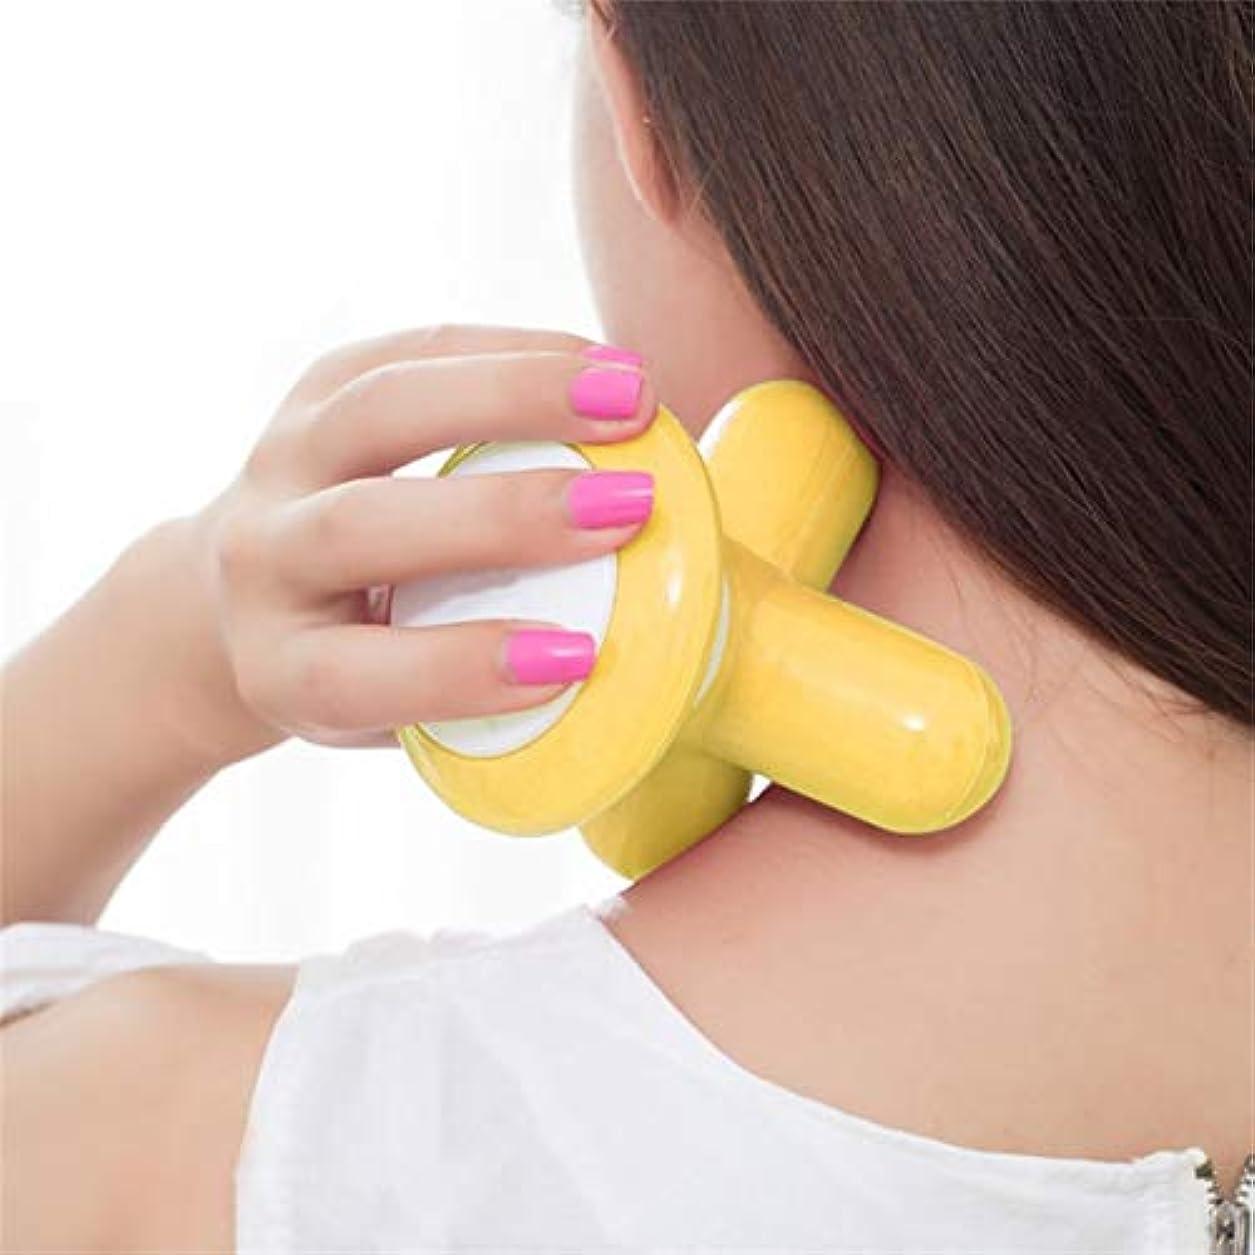 謝るレベルリンスMini Electric Handled Wave Vibrating Massager USB Battery Full Body Massage Ultra-compact Lightweight Convenient...